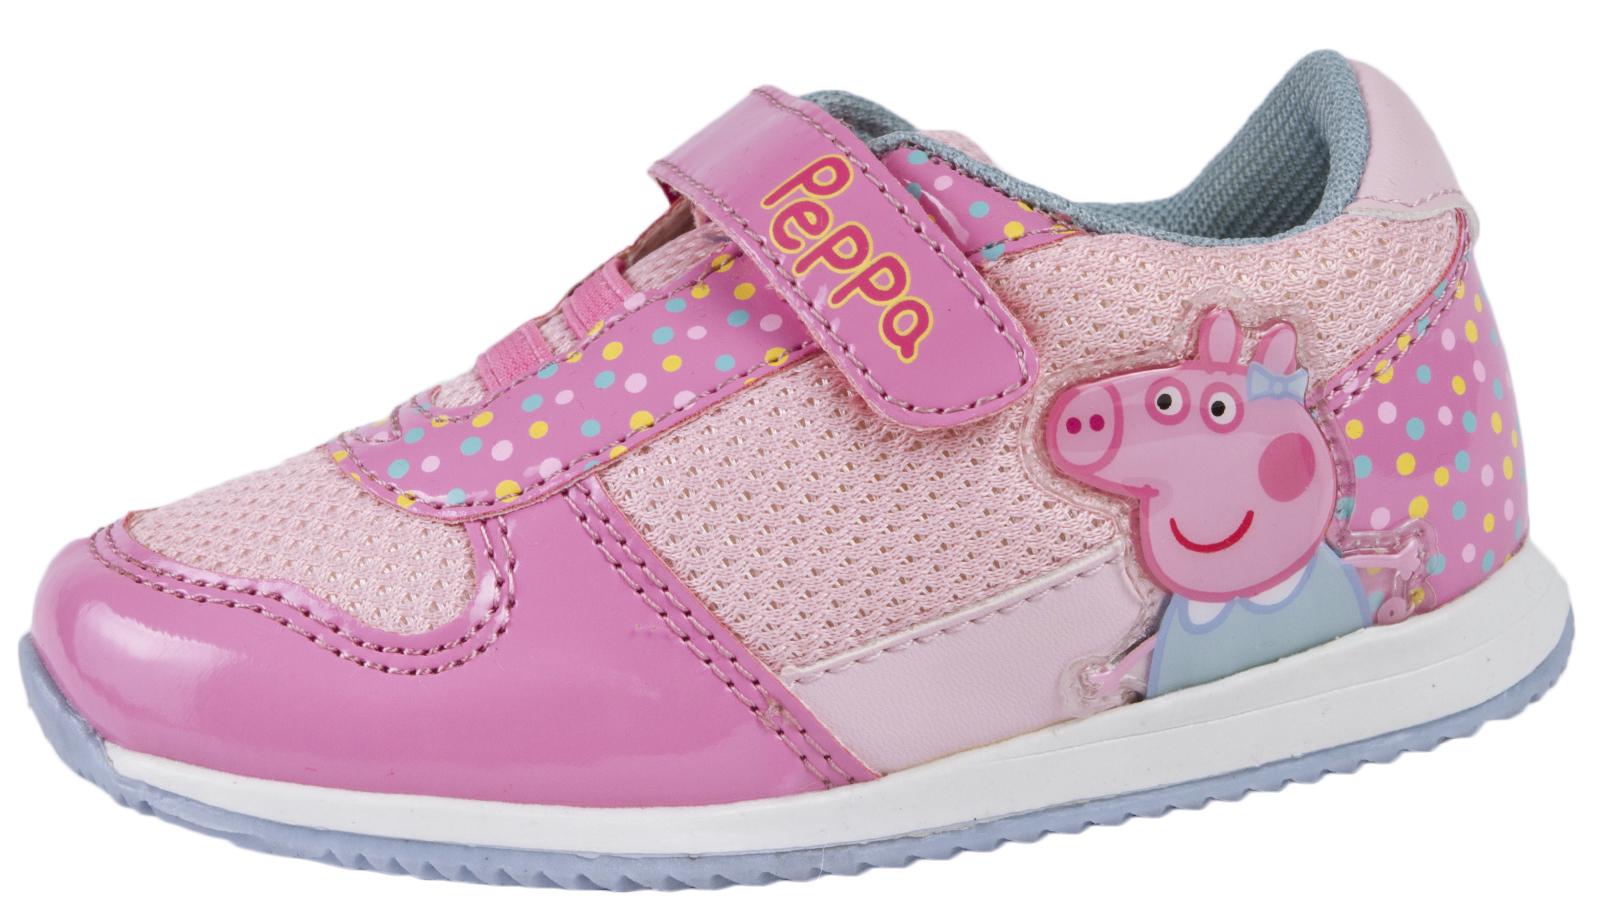 Dettagli su Ragazze PEPPA PIG Gamma di Scarpe Zoccoli Scarpe Da Ginnastica Gelatine Sandali Bambini Estate Tg UK mostra il titolo originale